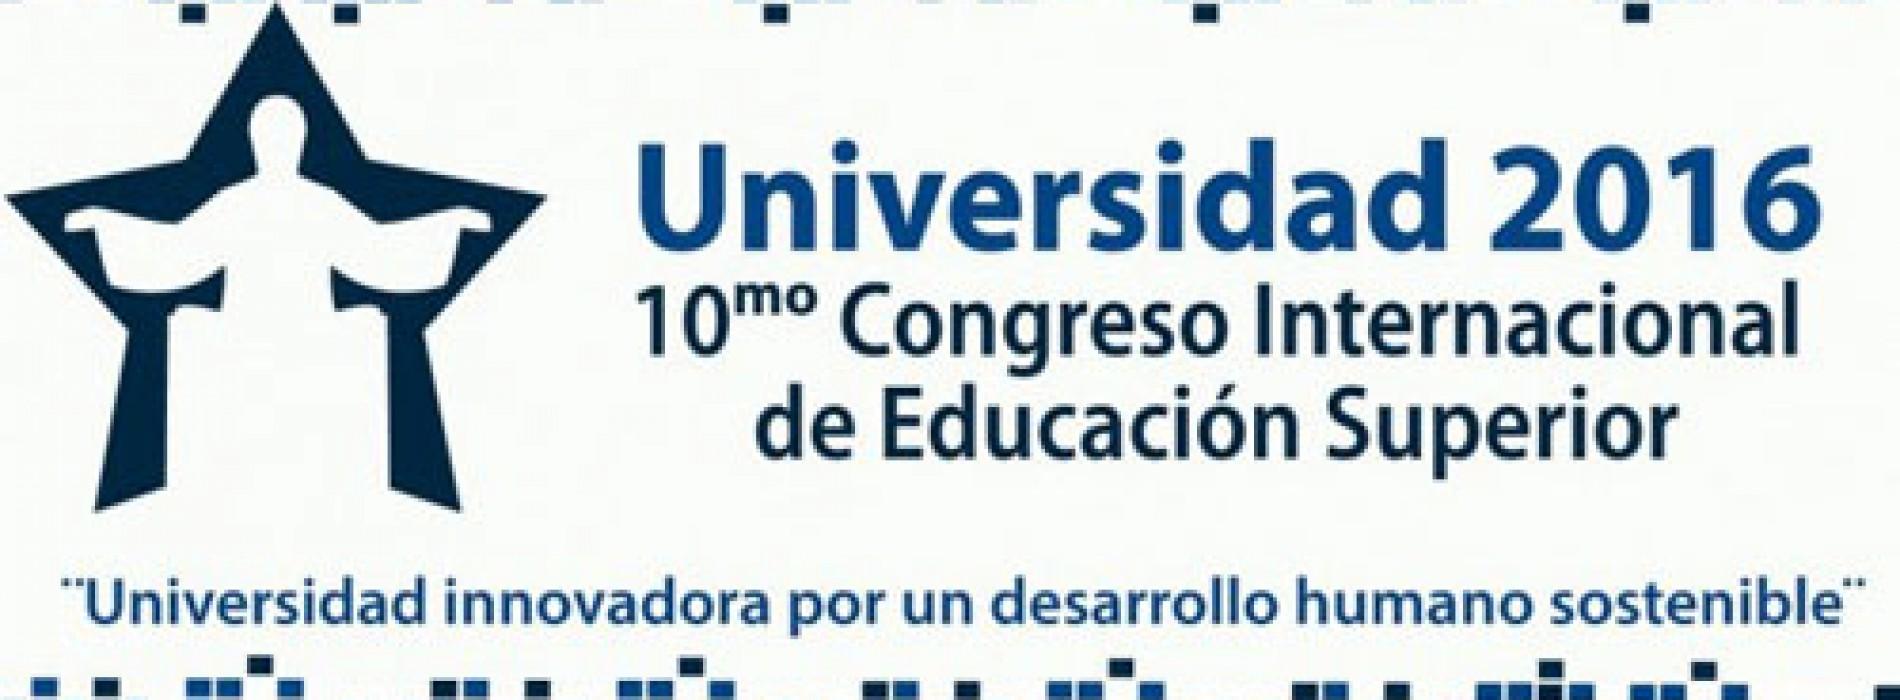 Congresso Internacional de Educação Superior – Universidad 2016